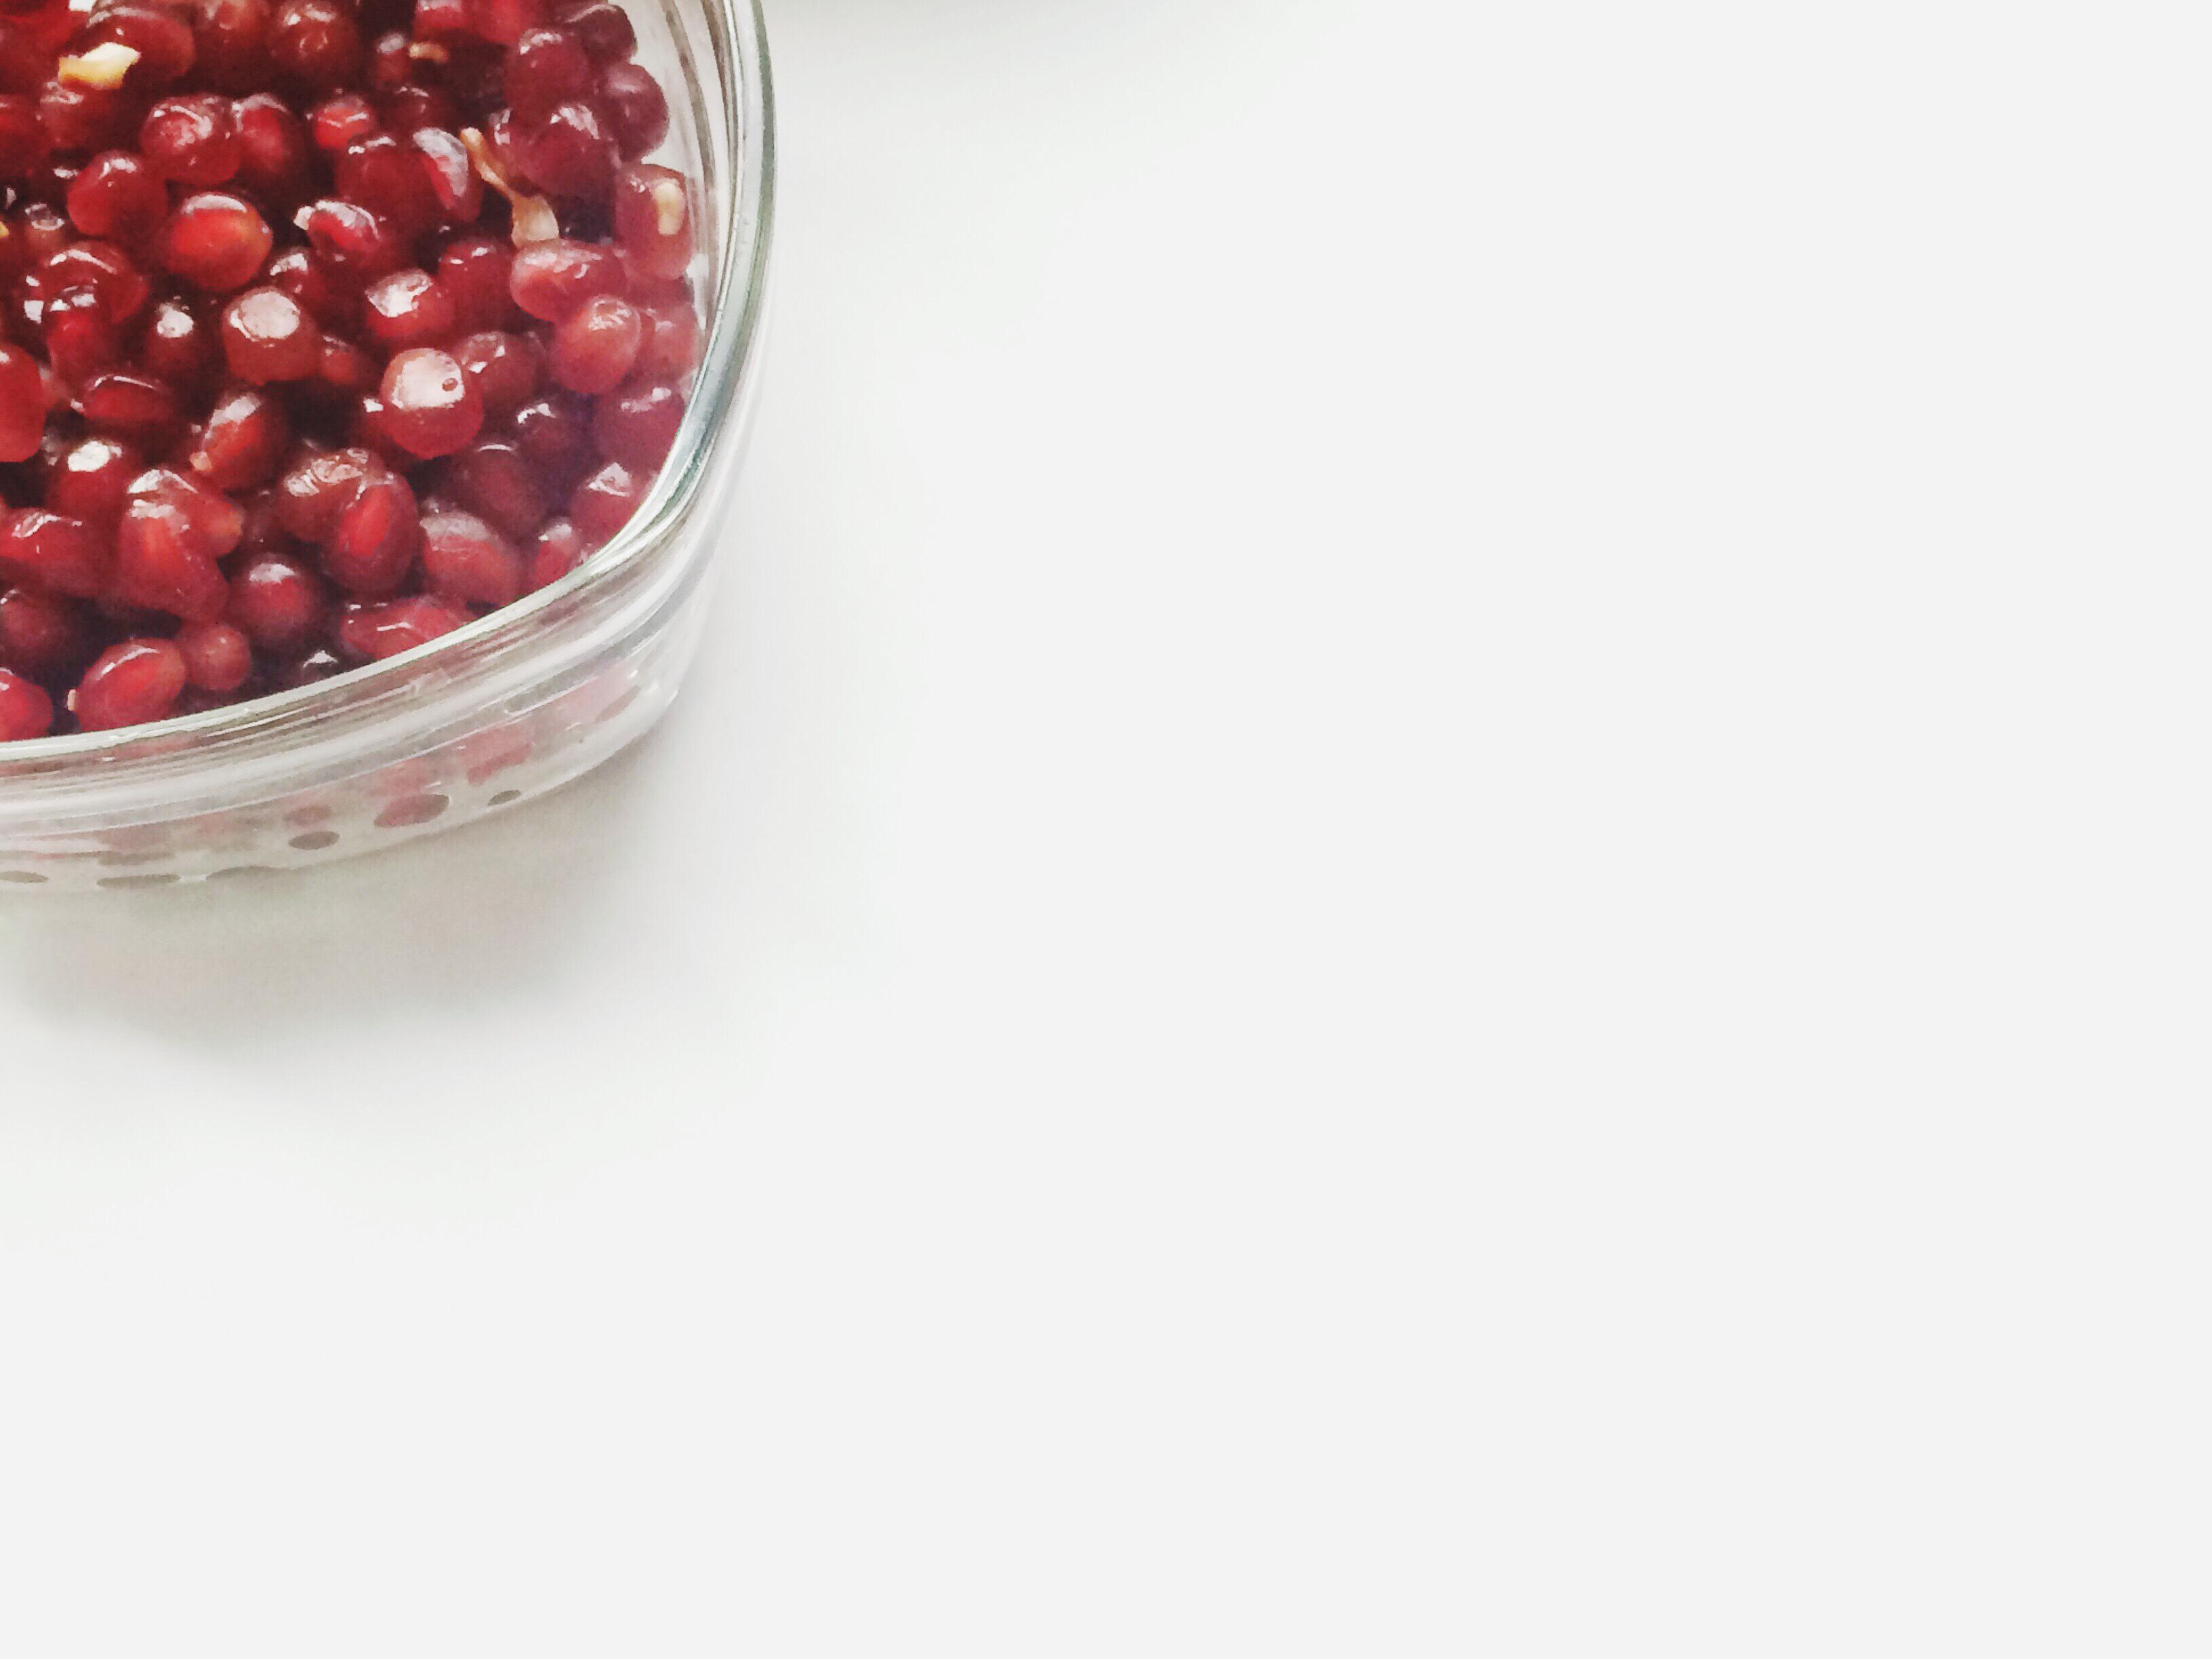 150401_석류 제조 과정